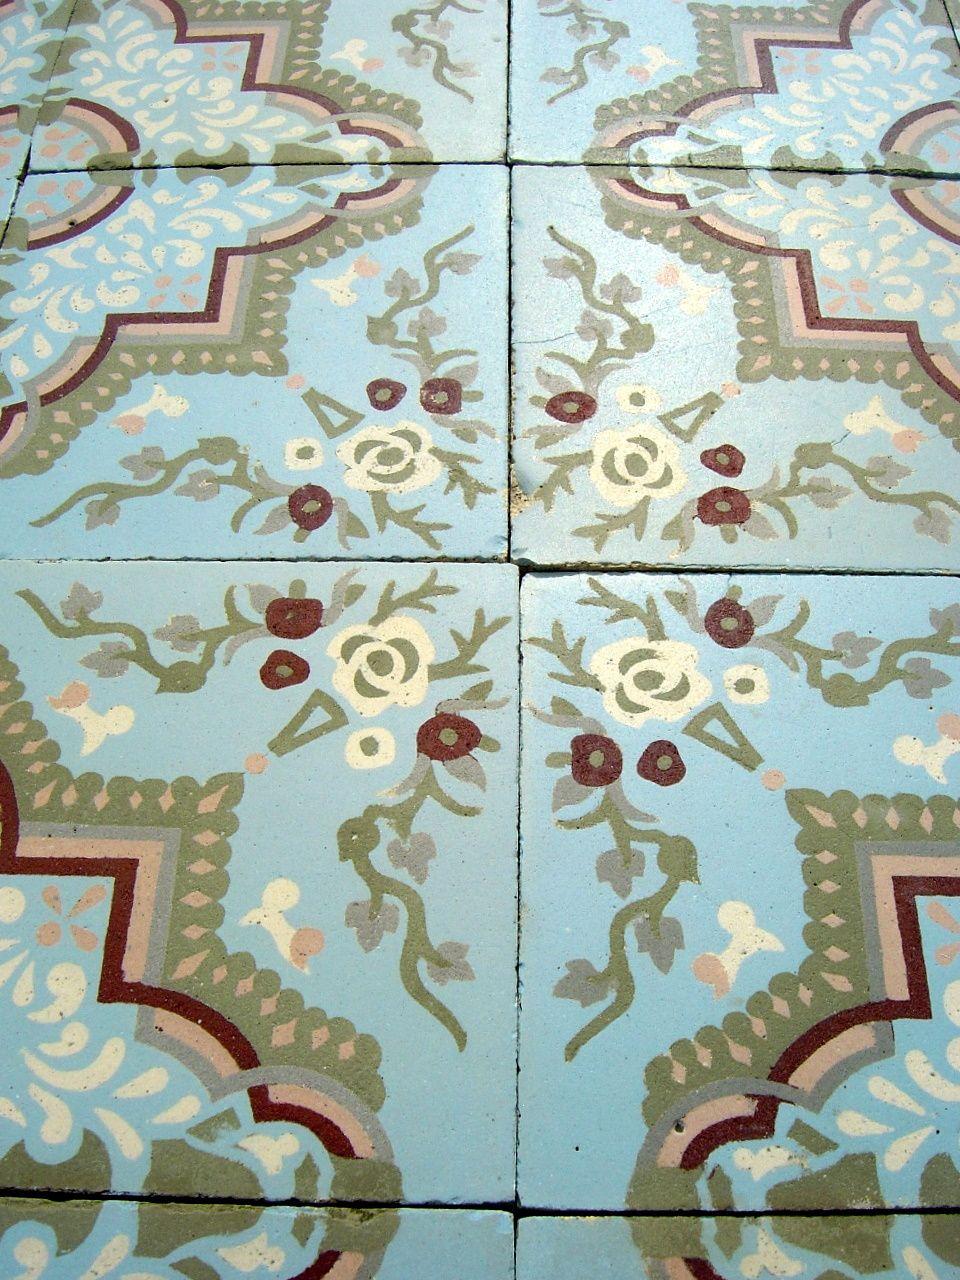 175m2 190 sqft floral themed antique ceramic encaustic floor c1905 the antique floor company - Antique Floor Tiles